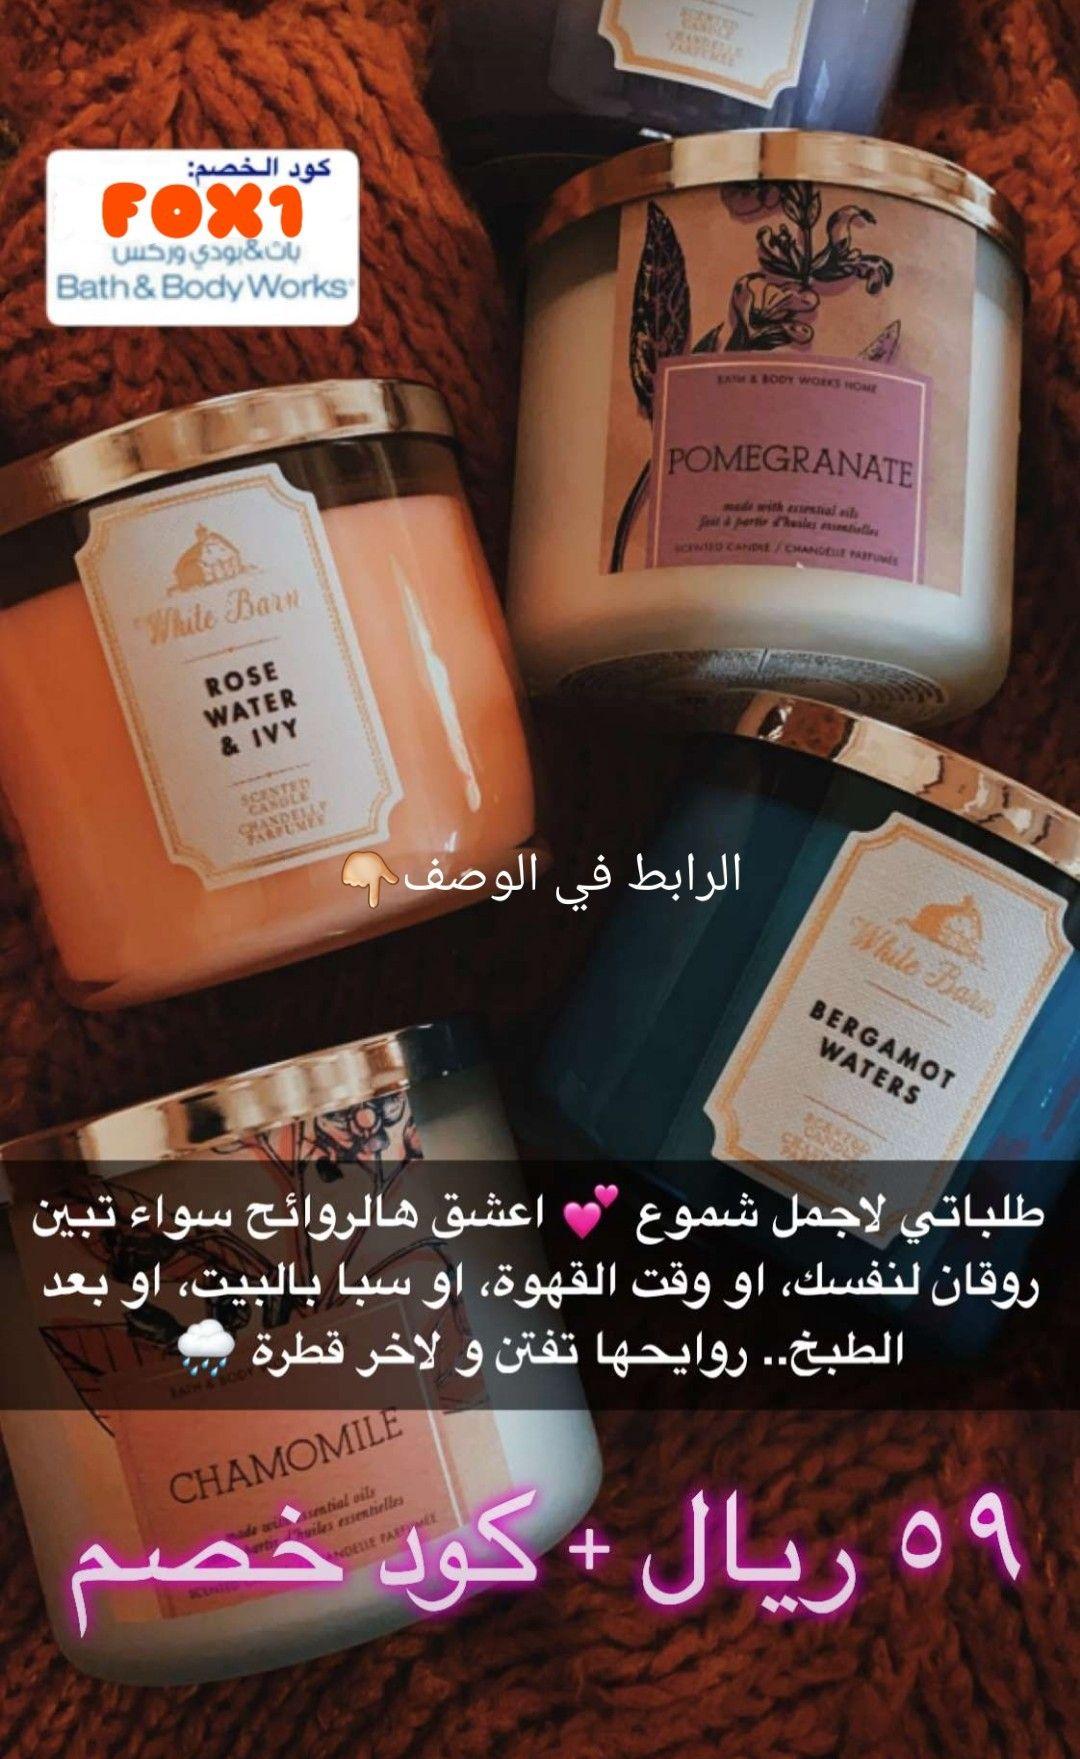 خصومات باث آند بودي ووركس القووووية لا تفوتوها ادخلوا الرابط و اختاروا دولتكم وتسوقوا واستخدموا كود Essential Oil Perfumes Recipes Body Smells Perfume Scents